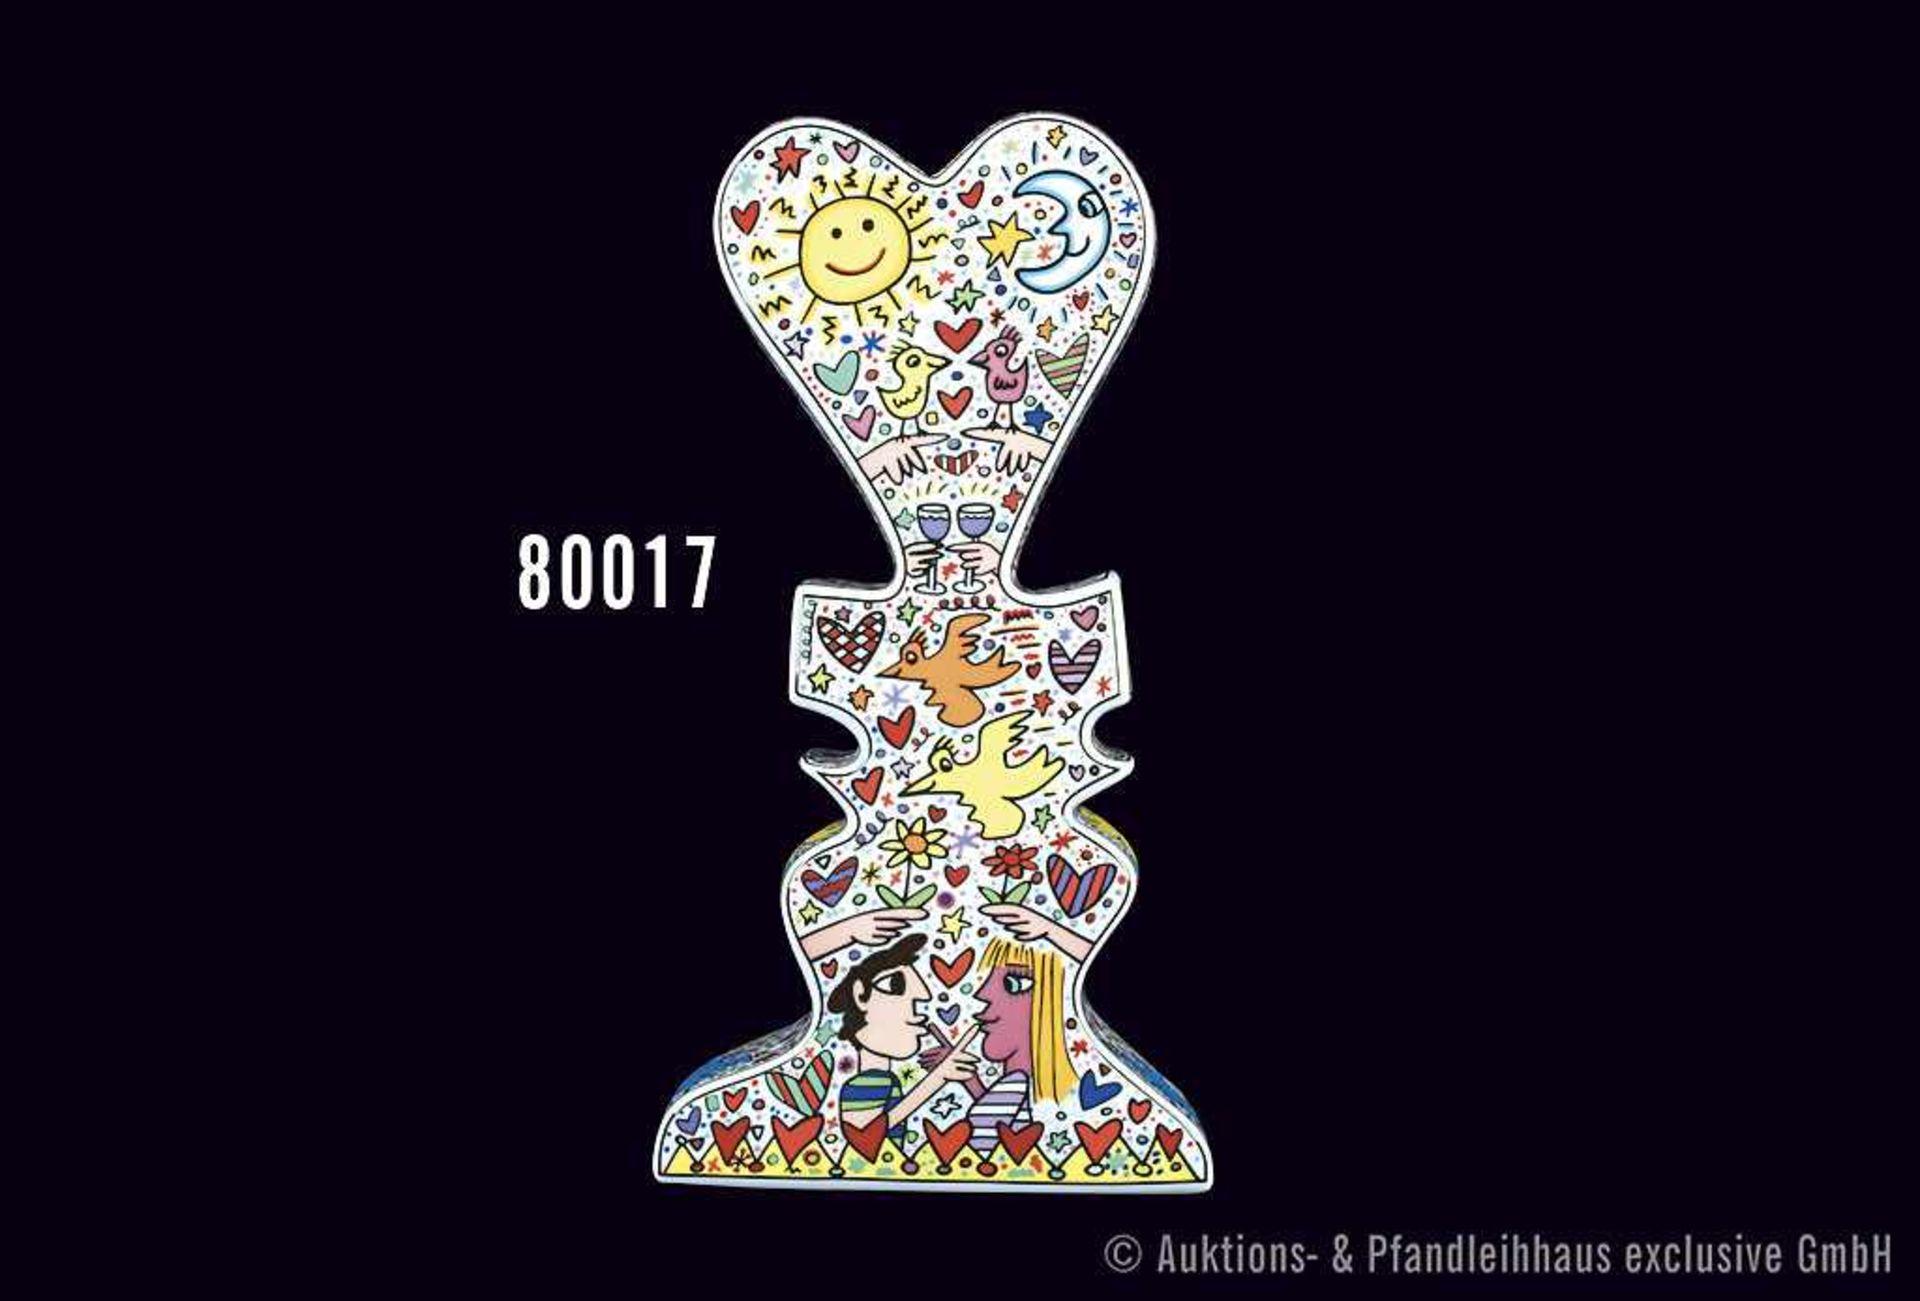 Rosenthal Porzellan, Künstlerobjekt Love Vase von James Rizzi, studio-line, limitiert, Nr. 388/